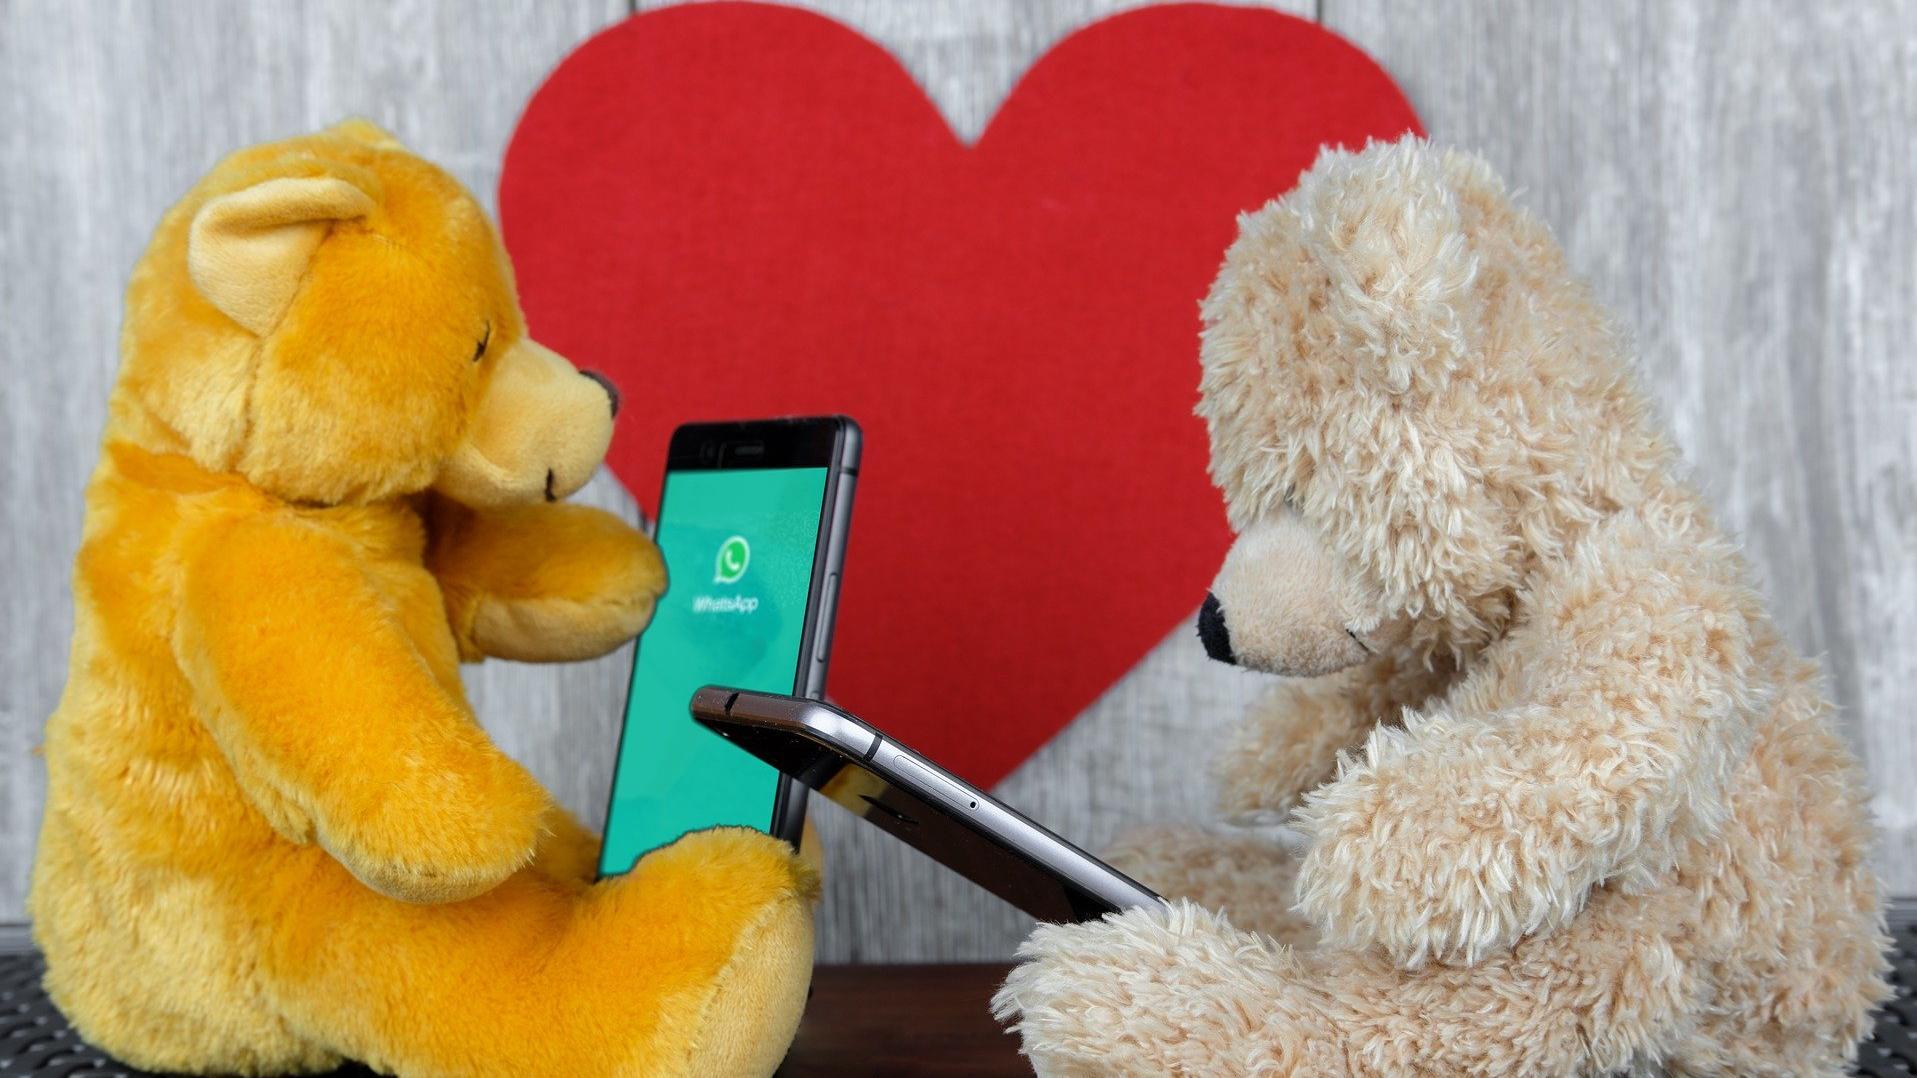 Chat-App auch bei Kindern beliebt - laut AGB verboten